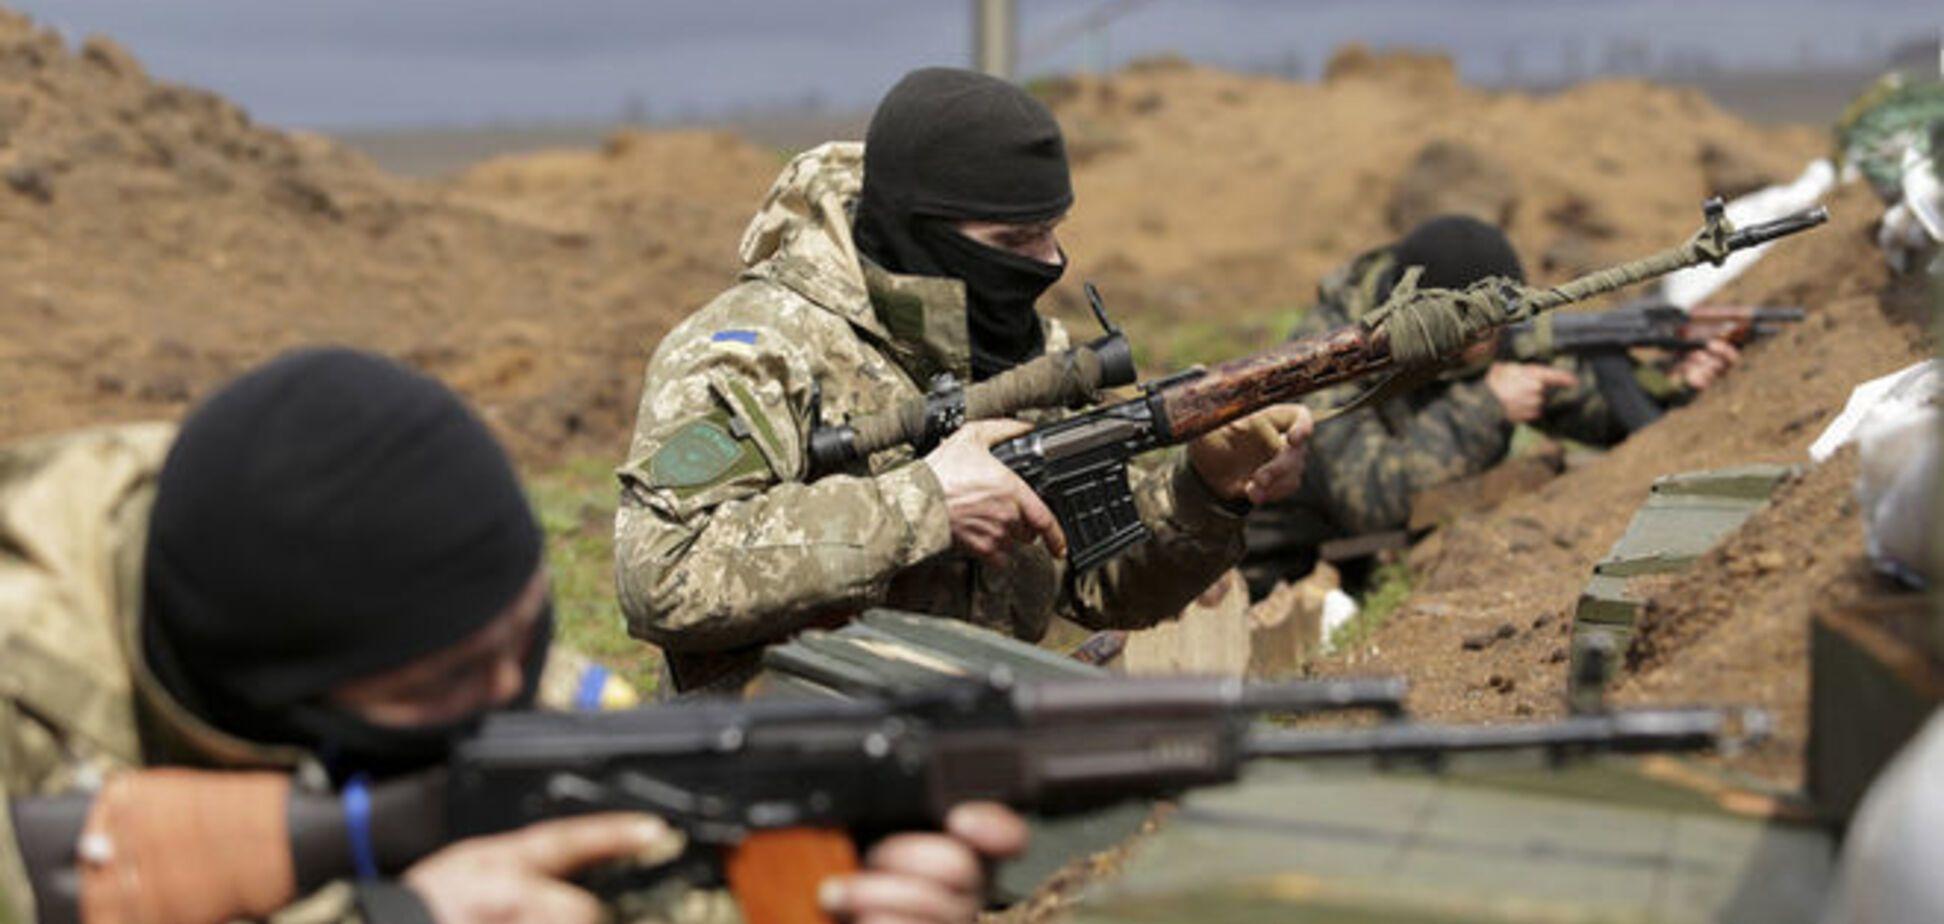 На Донбассе террористы спровоцировали открытие огня по всей линии фронта